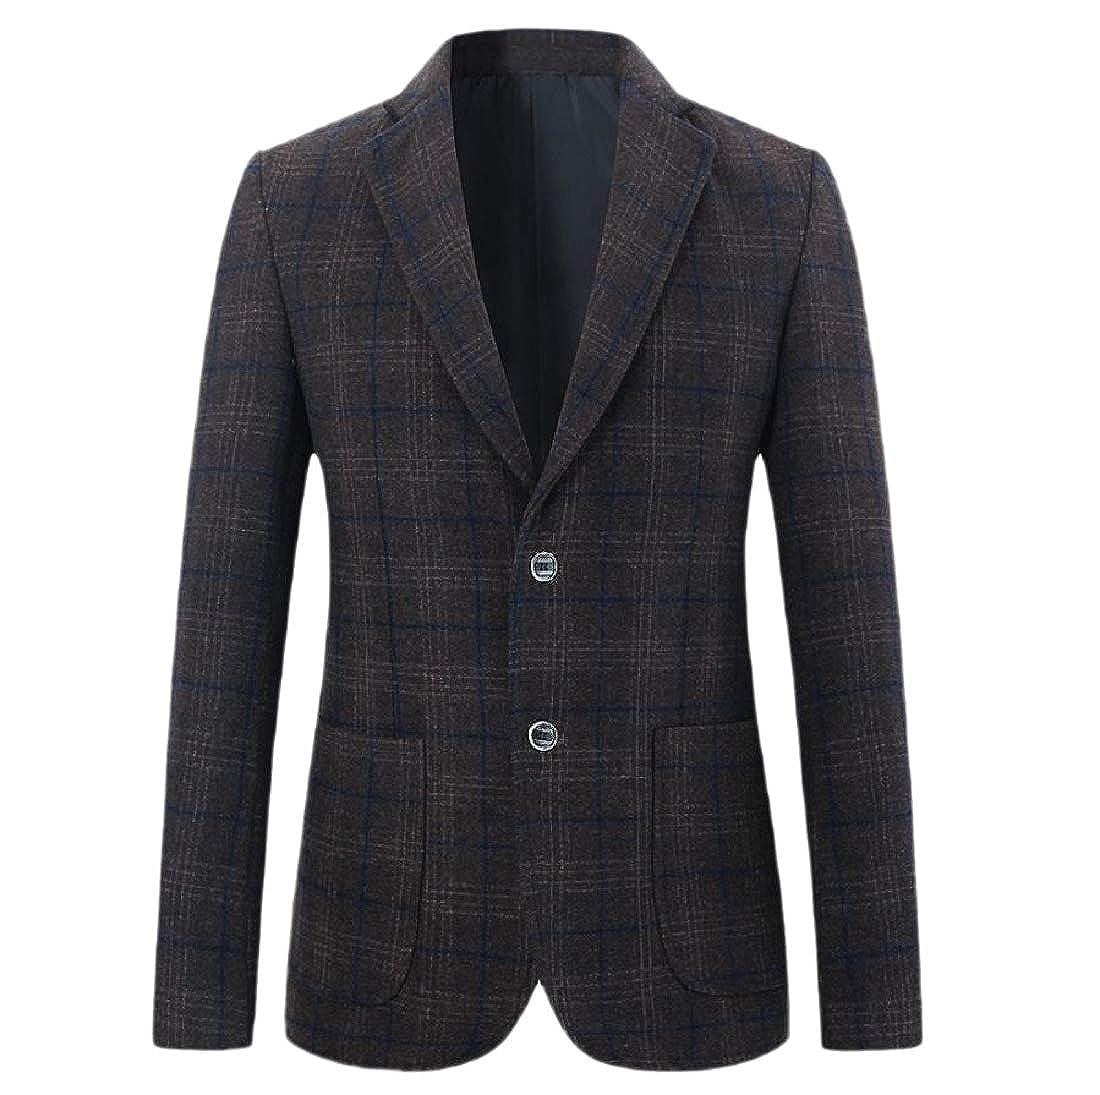 neveraway Men Wedding Career Outwear Tops Premium Classic Blazer Coat